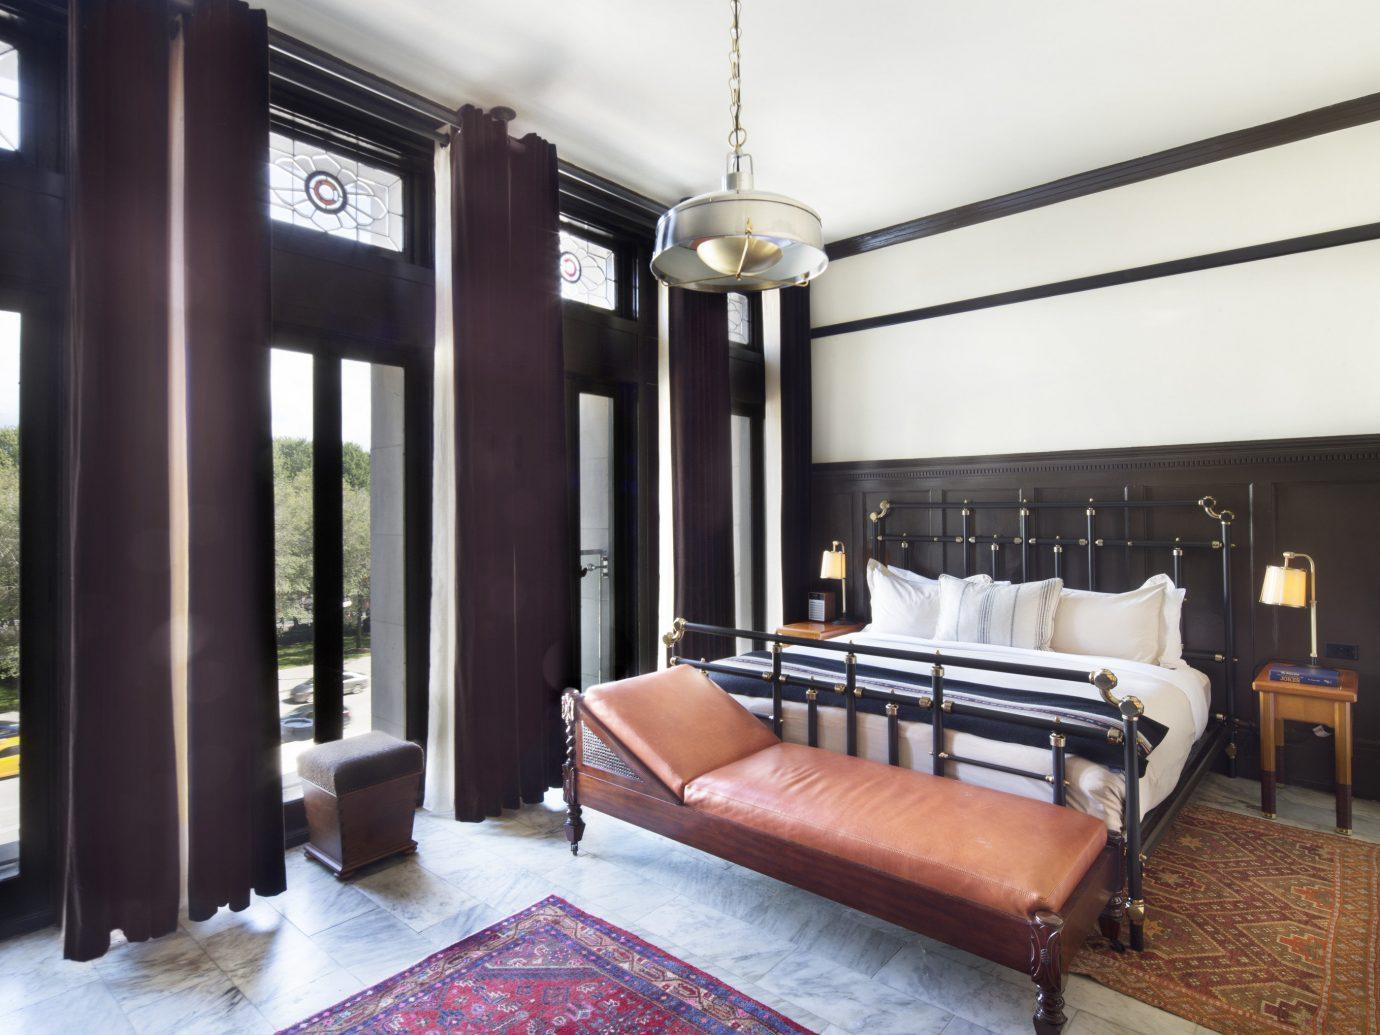 Trip Ideas indoor floor room property living room estate interior design condominium real estate home Suite Design loft Bedroom Villa apartment window covering furniture